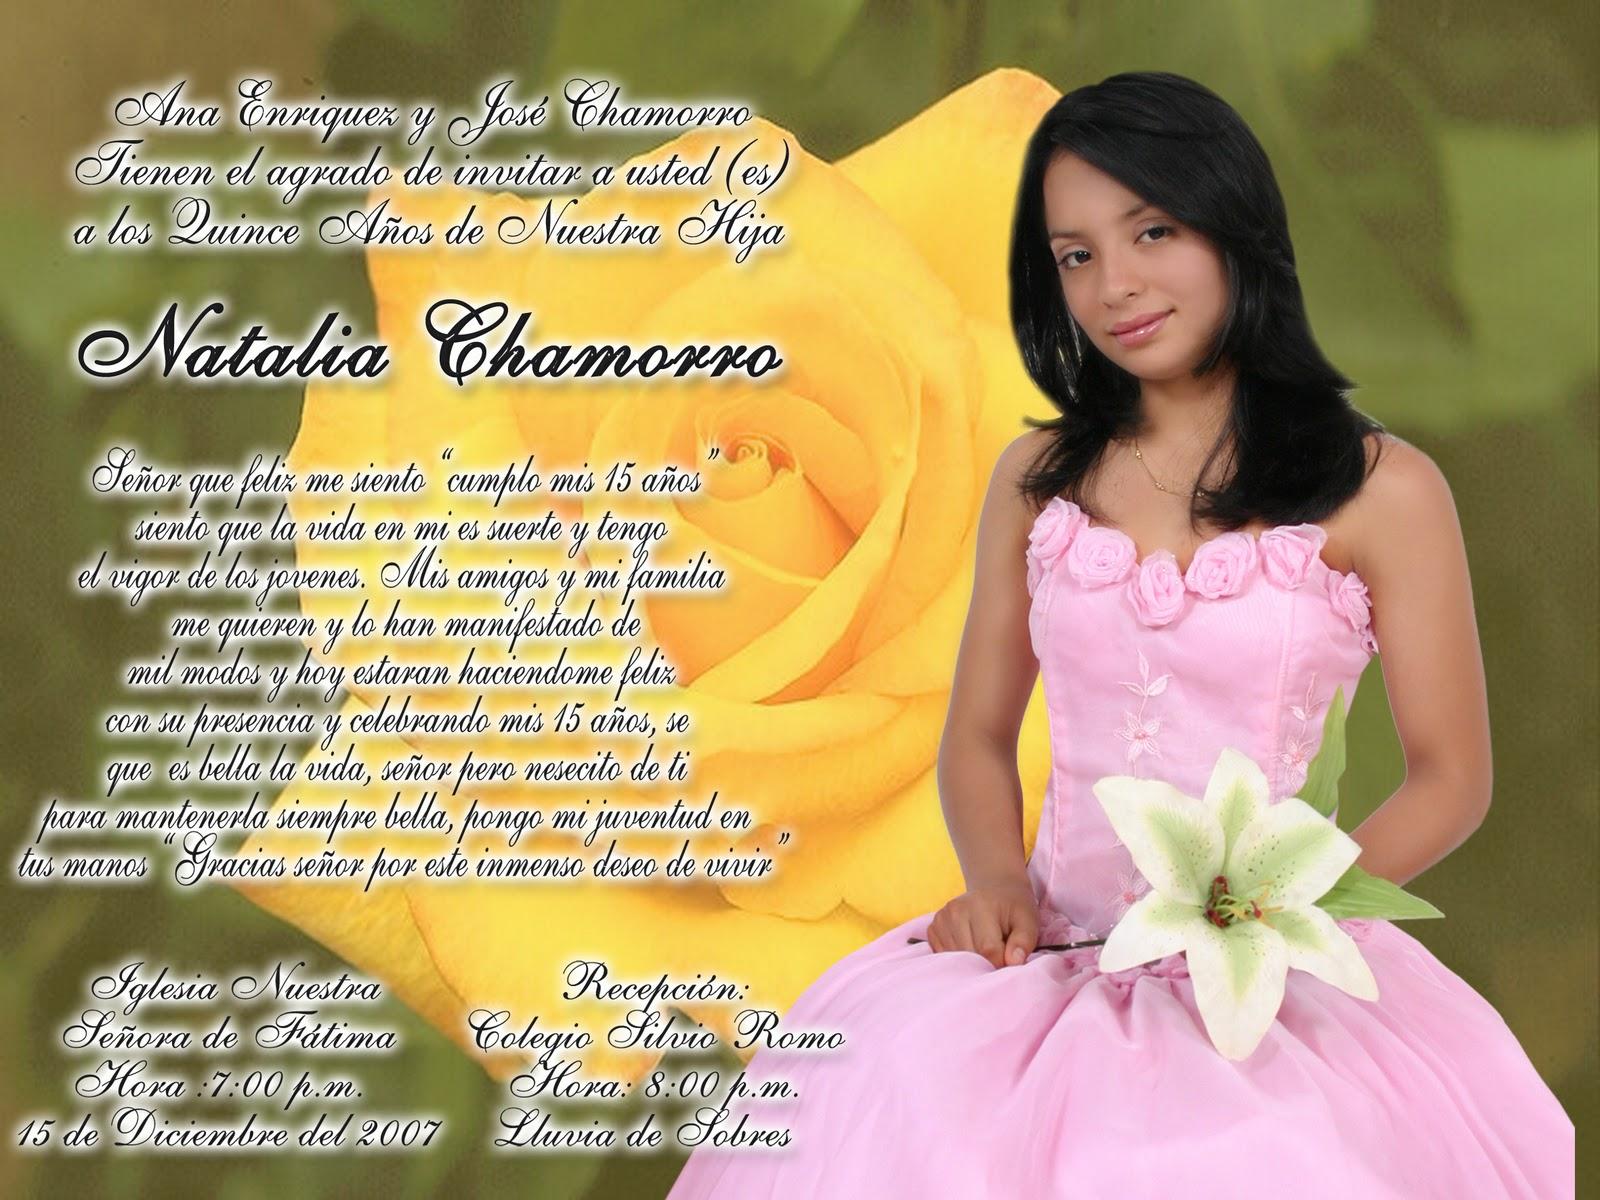 Oraciones Bonitas Para 15 Anos: LAVIZOS: February 2011